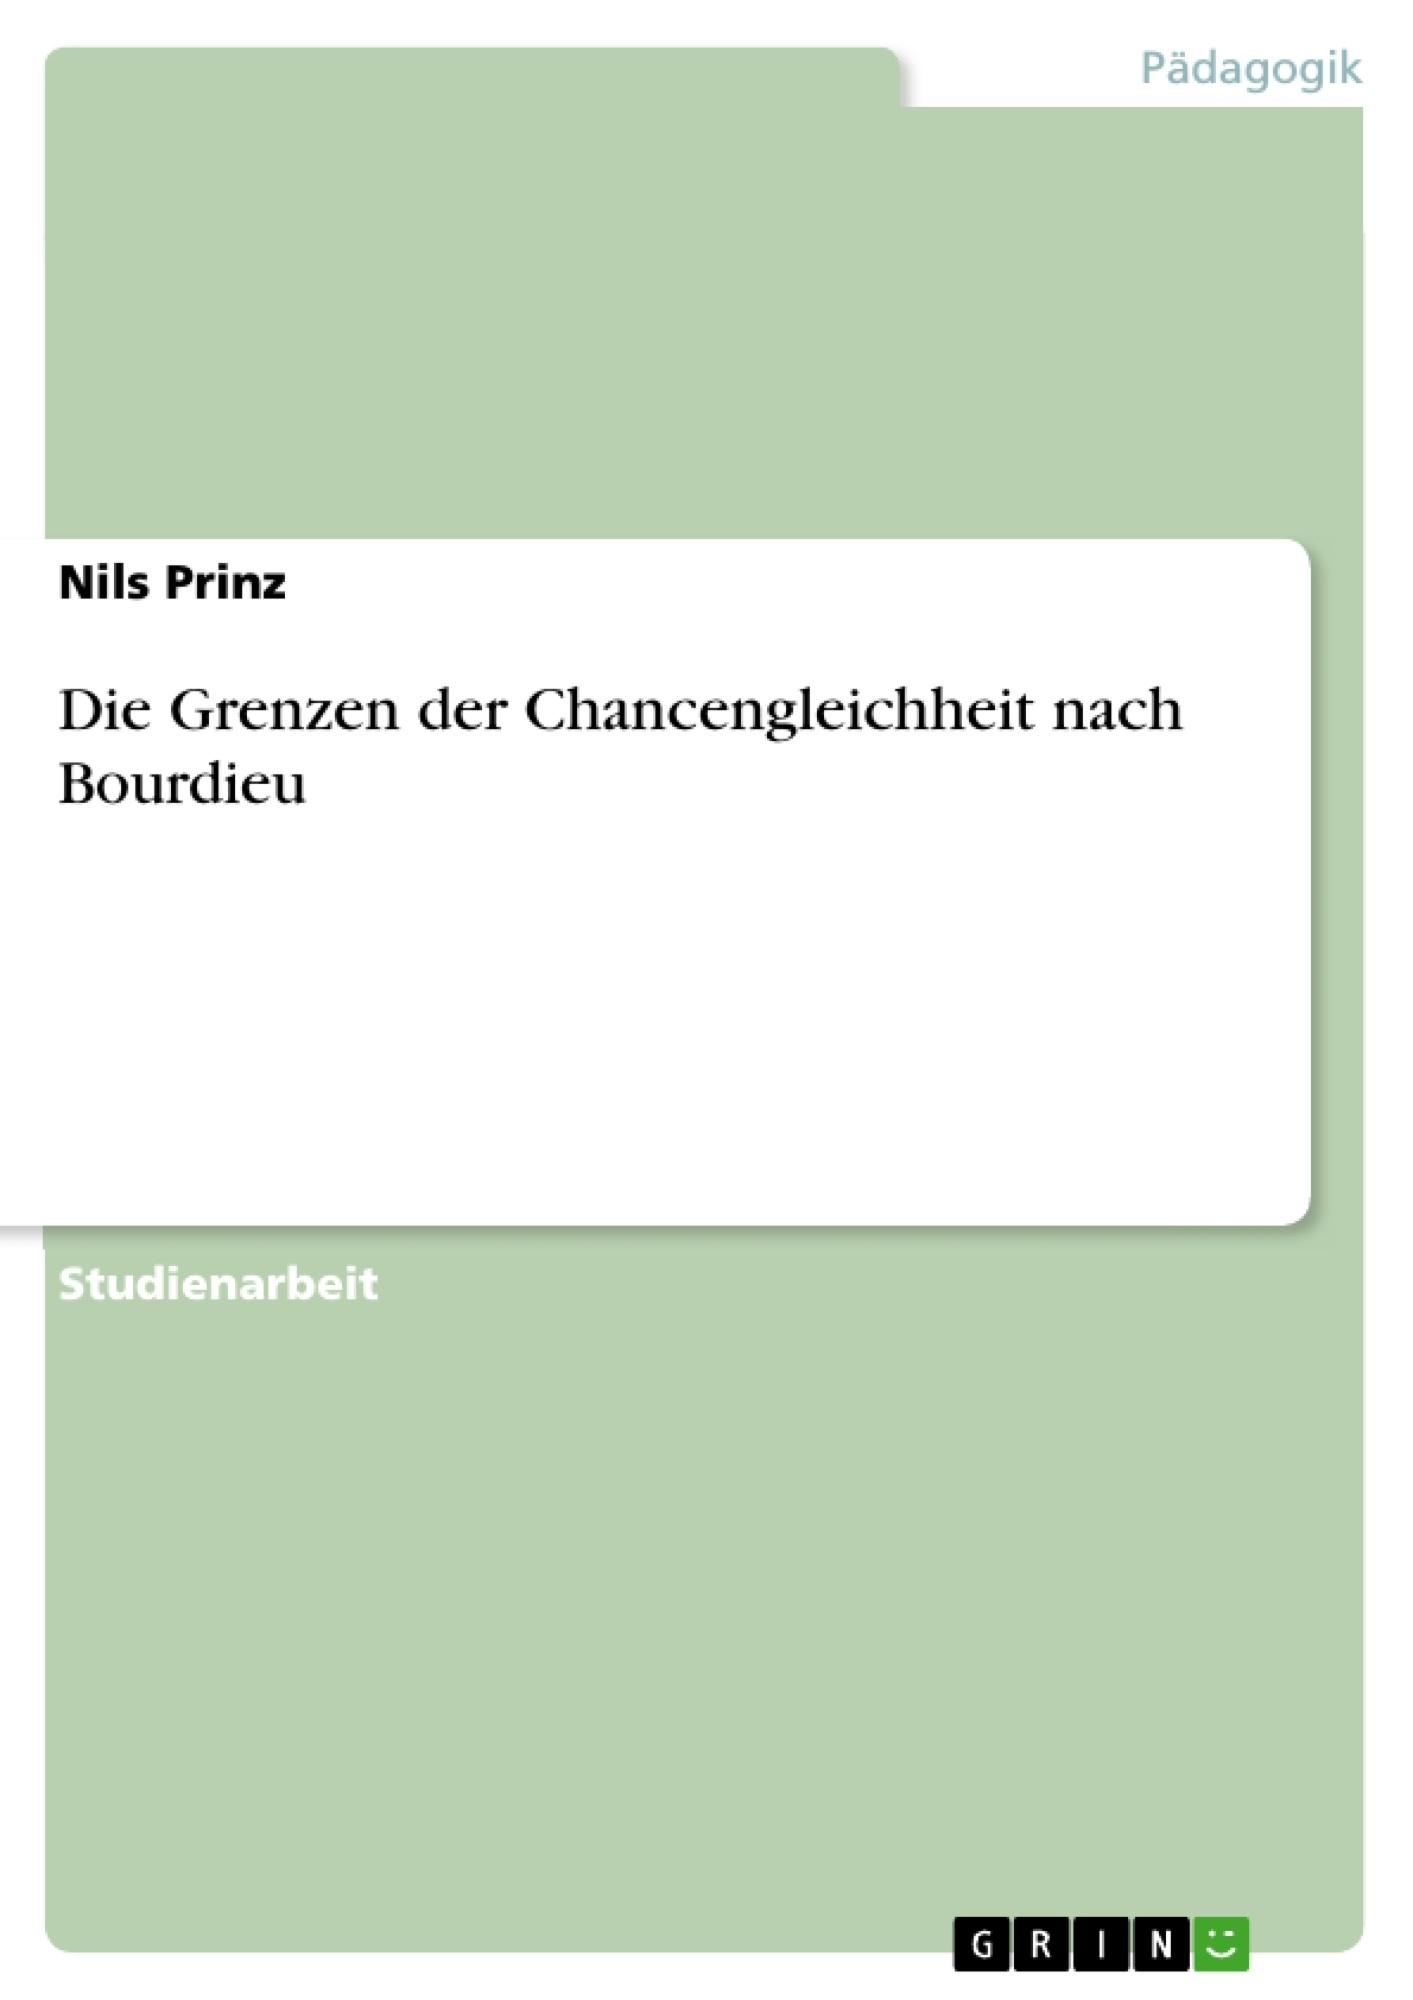 Titel: Die Grenzen der Chancengleichheit nach Bourdieu